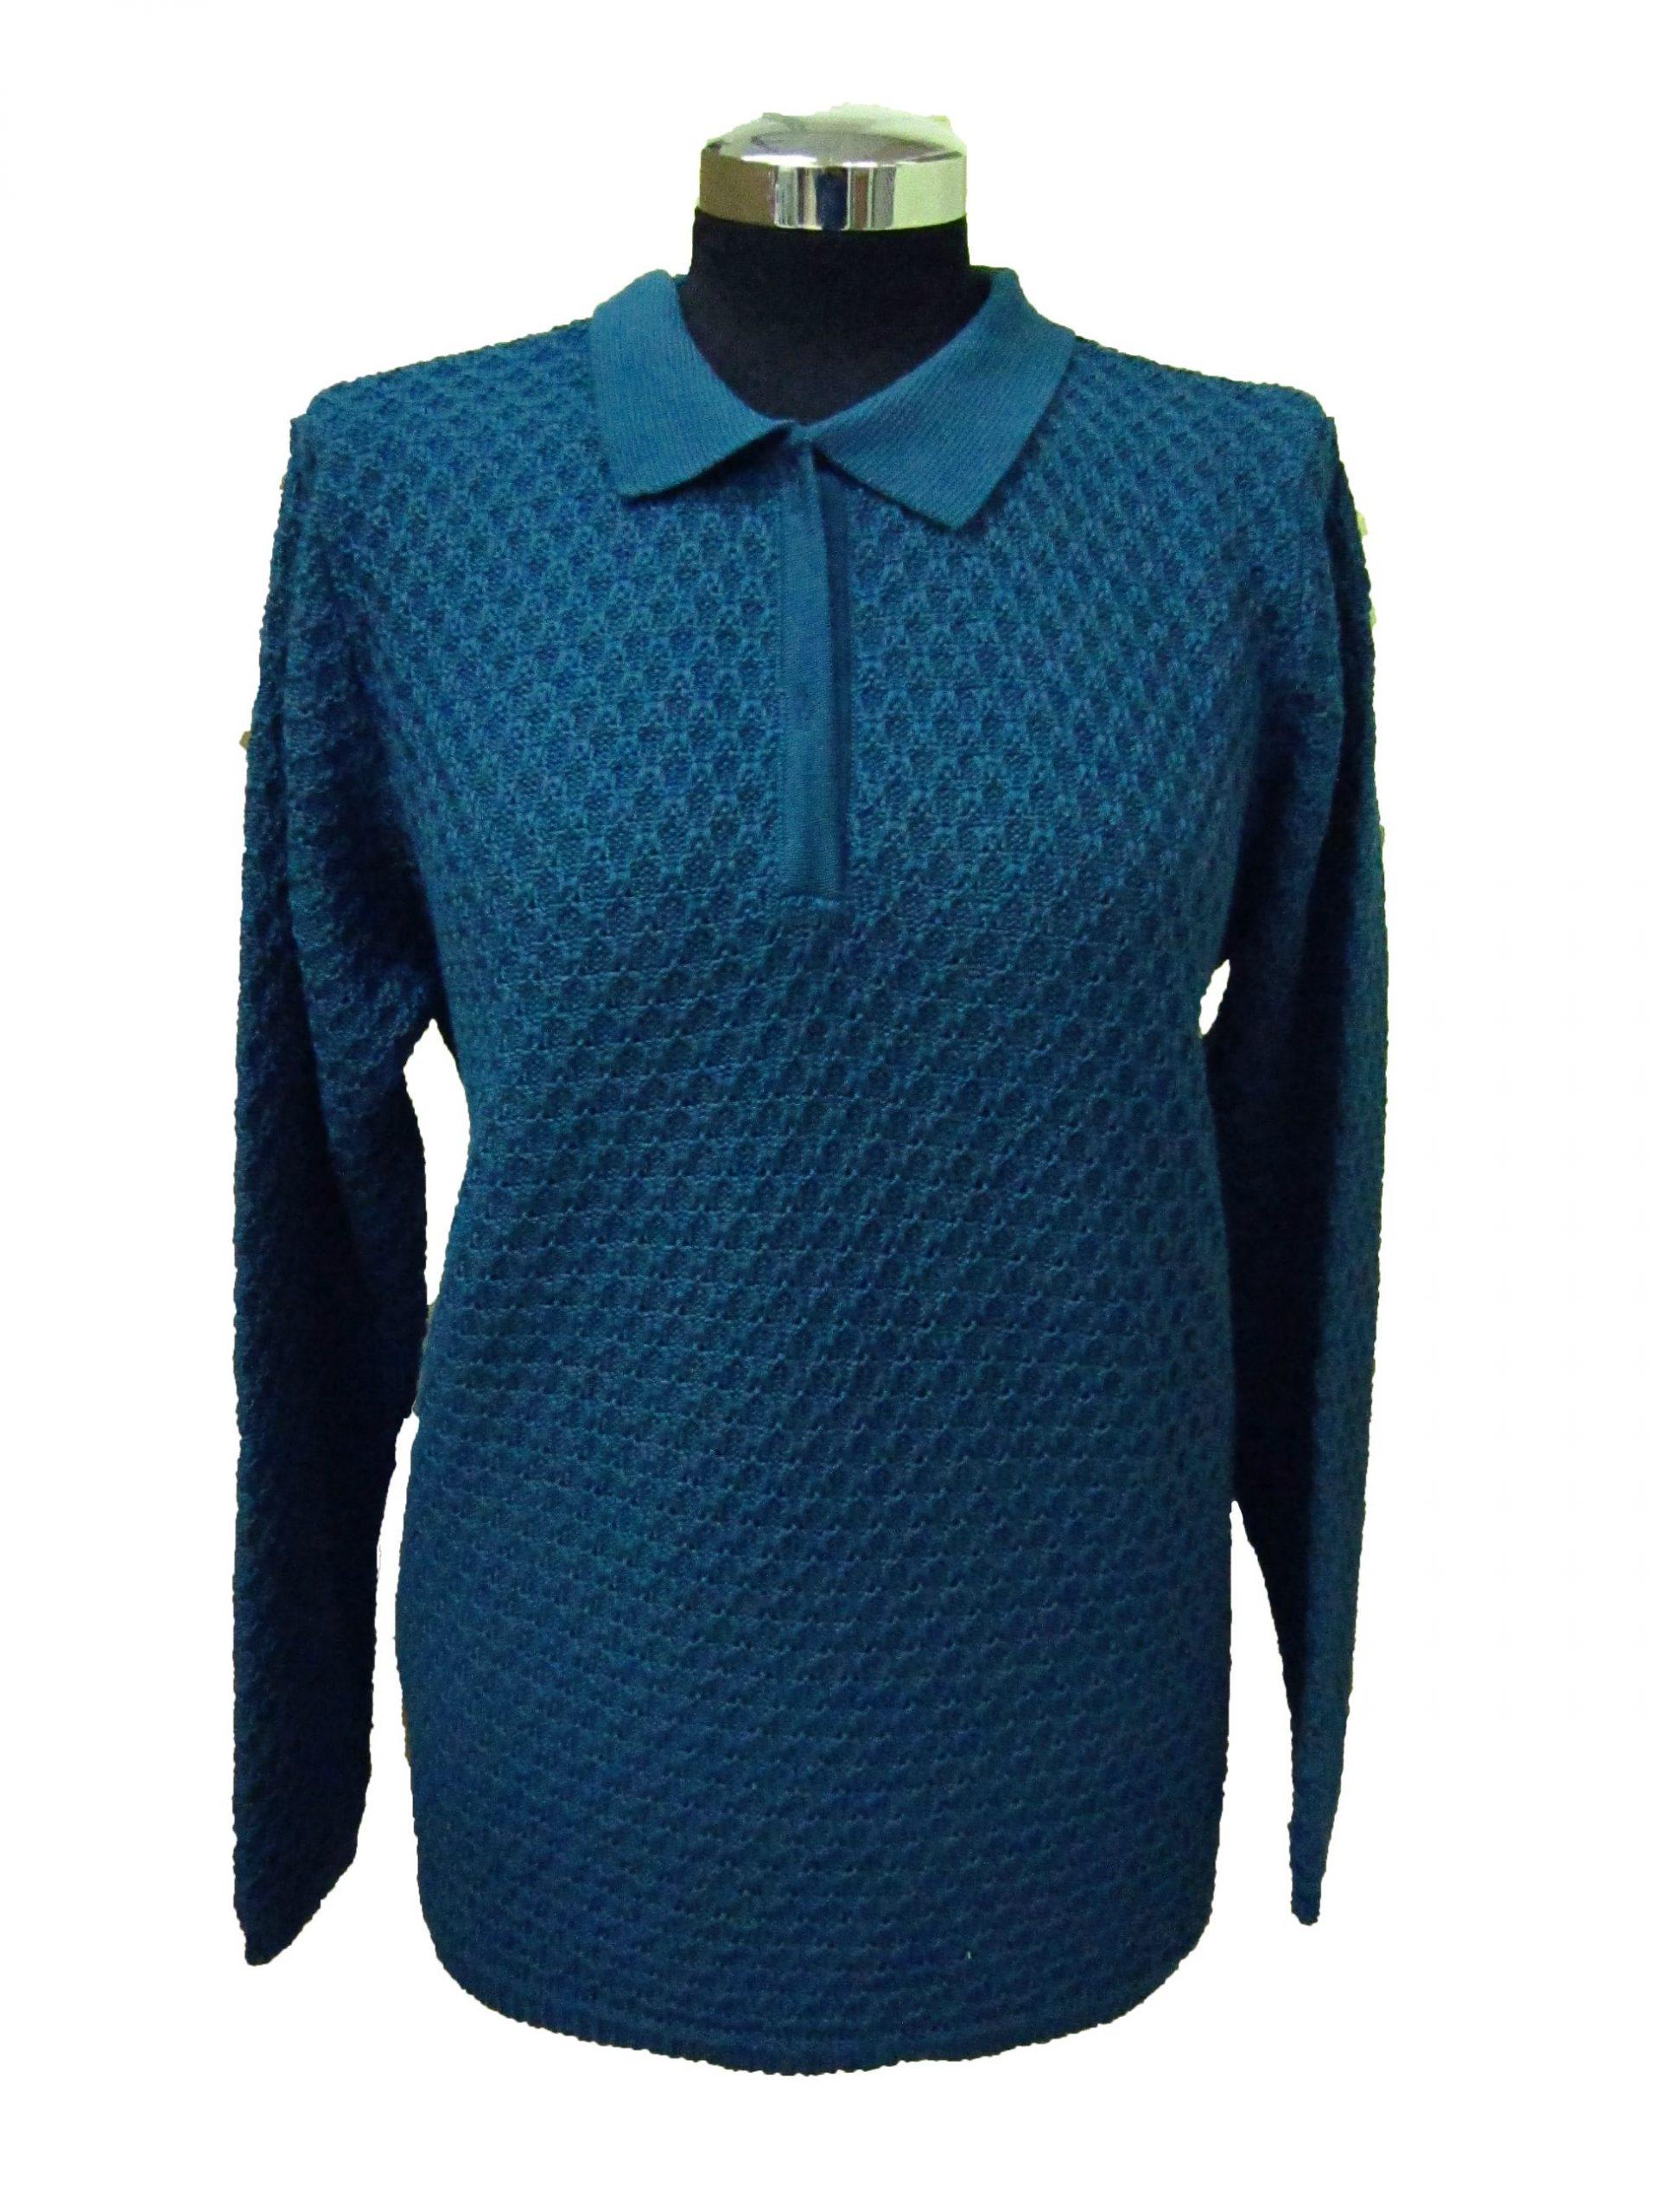 Polo Sweater in Bubble Knitwork - Aqua